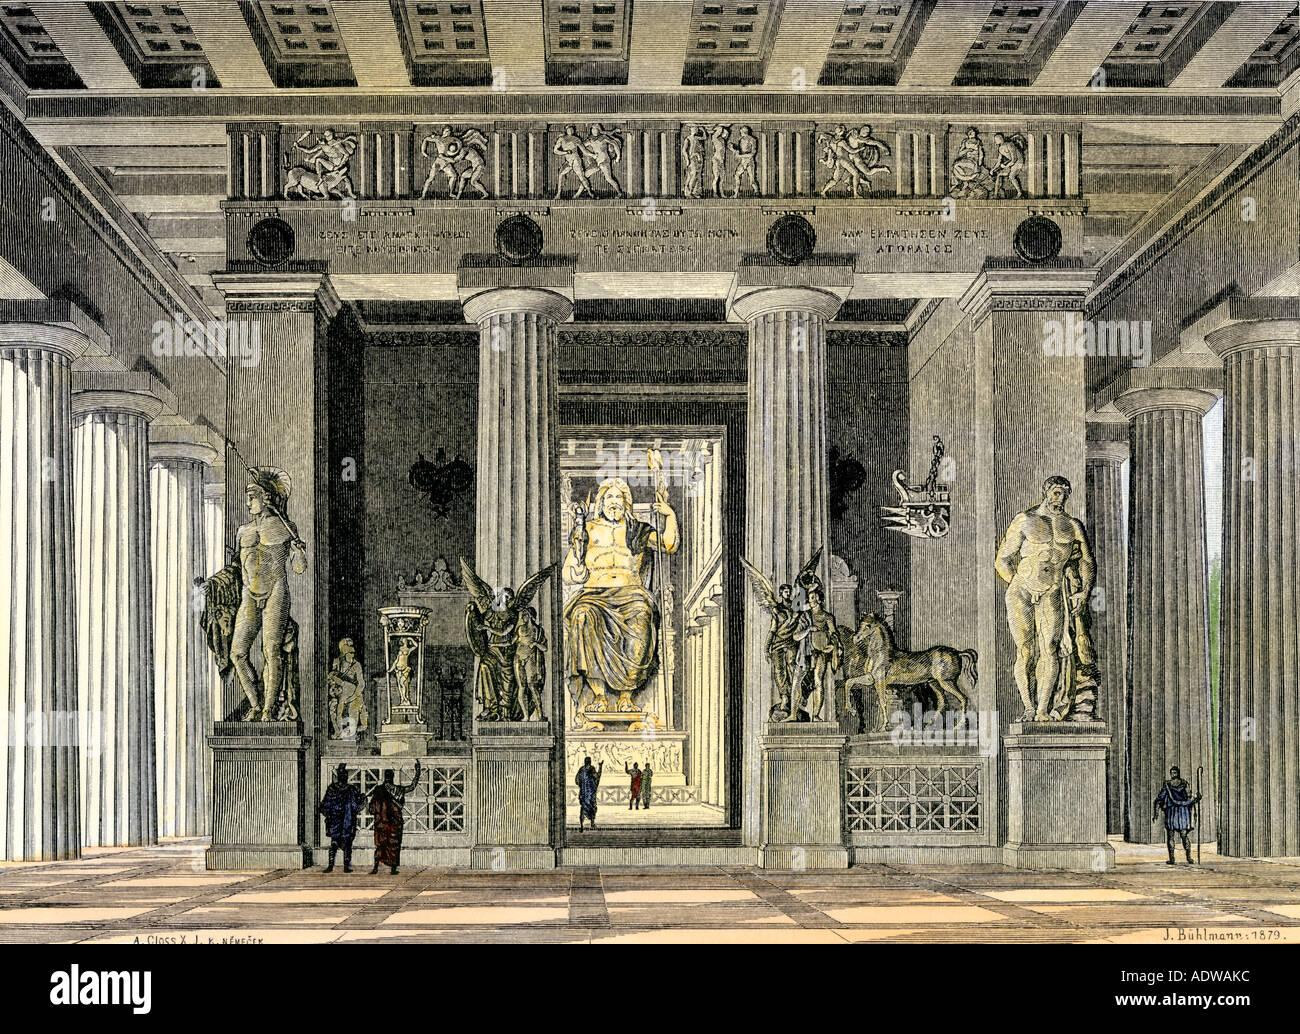 Zeus Architettura D Interni.Interno Del Tempio Di Zeus Ad Olimpia Antica Grecia Colorate A Mano